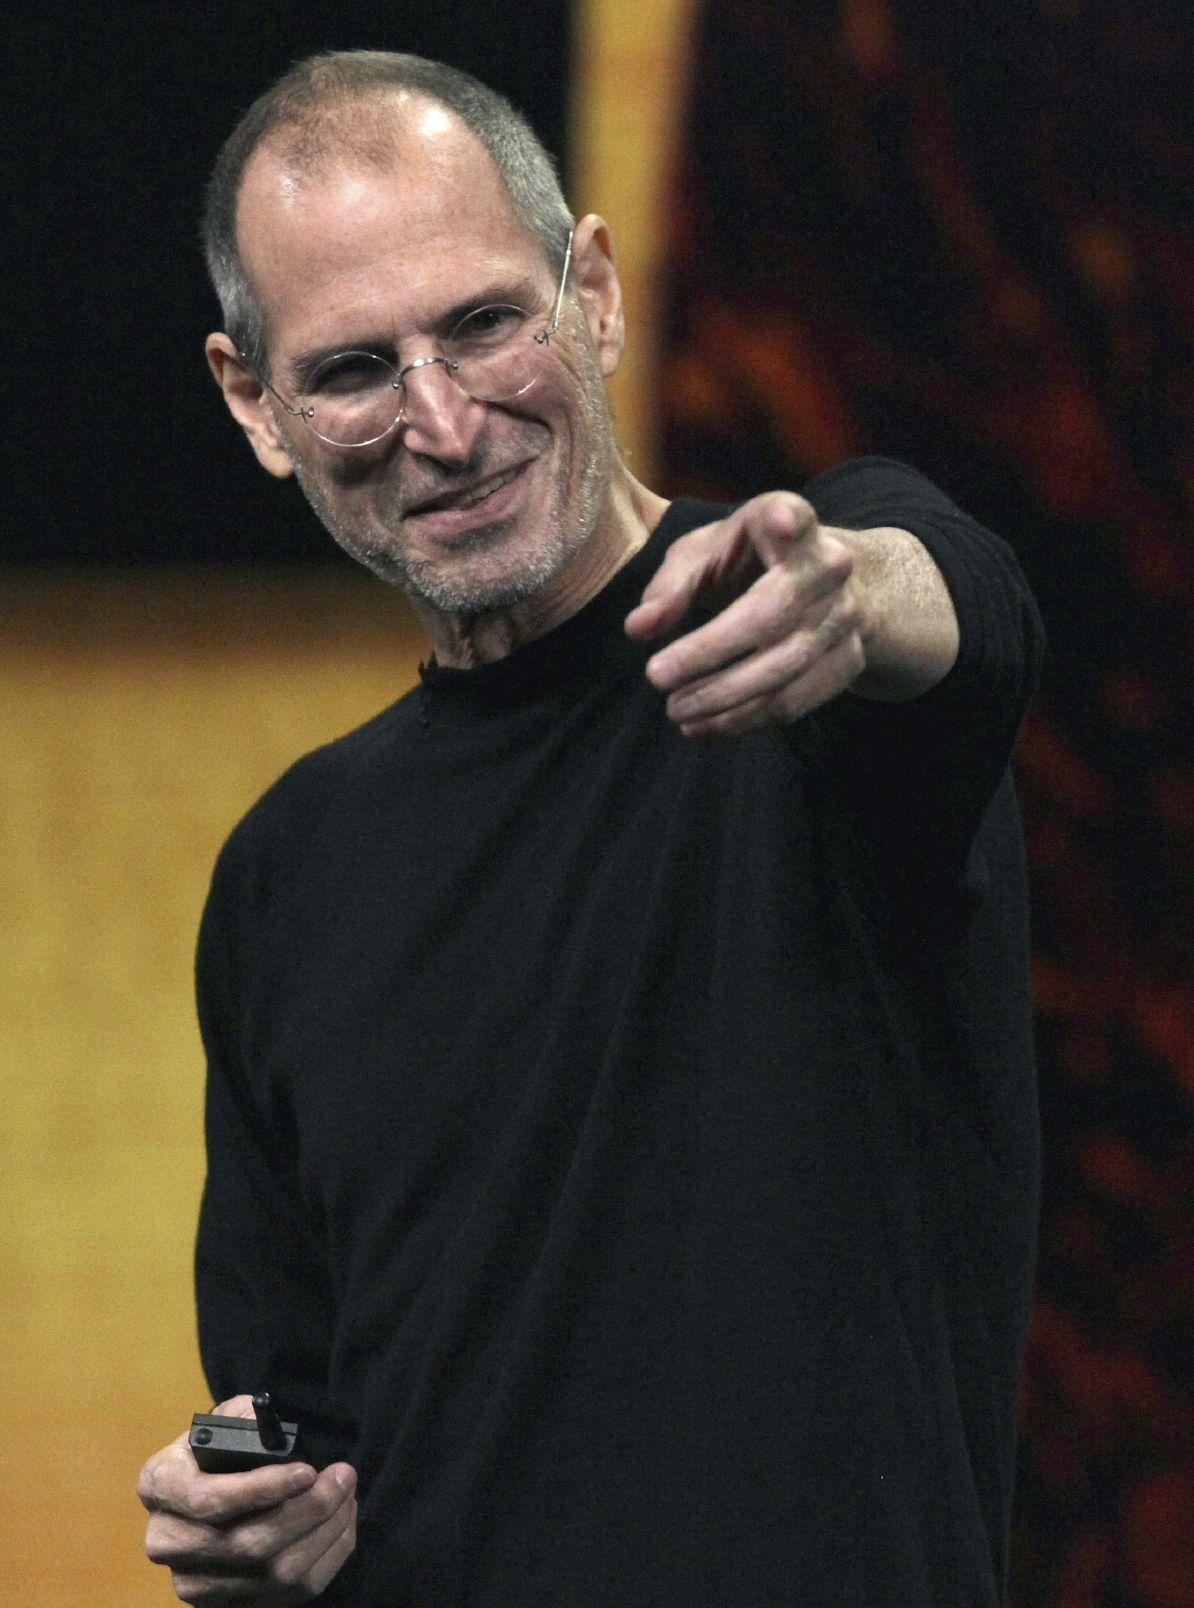 Steve Jobs hadde geniale ideer – og han kjente markedet sitt ekstremt godt. Foto: iStock